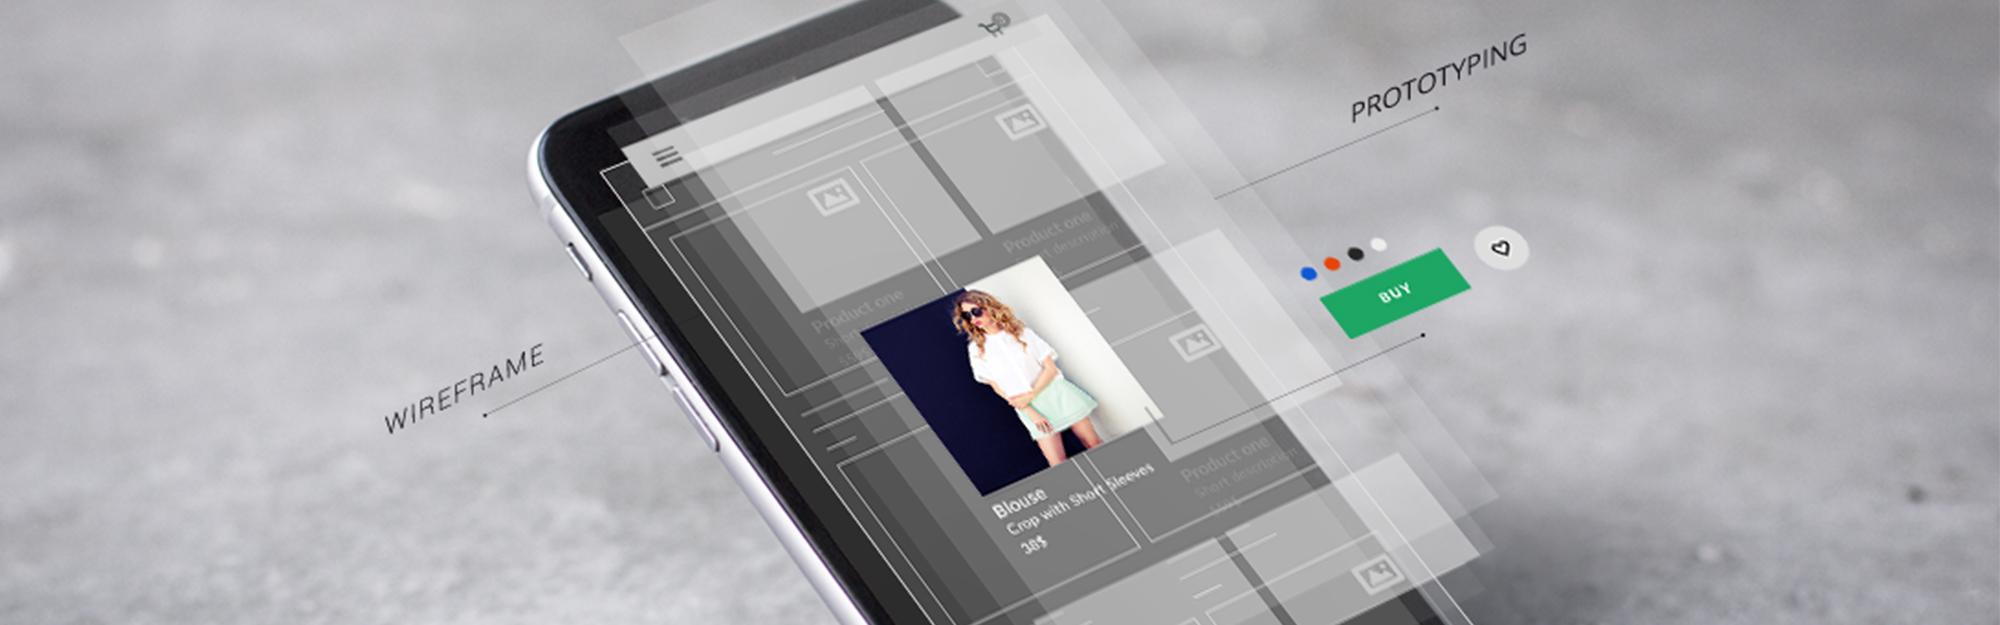 Retail App: progettazione e sviluppo di un mcommerce, dal customer journey alla user experience